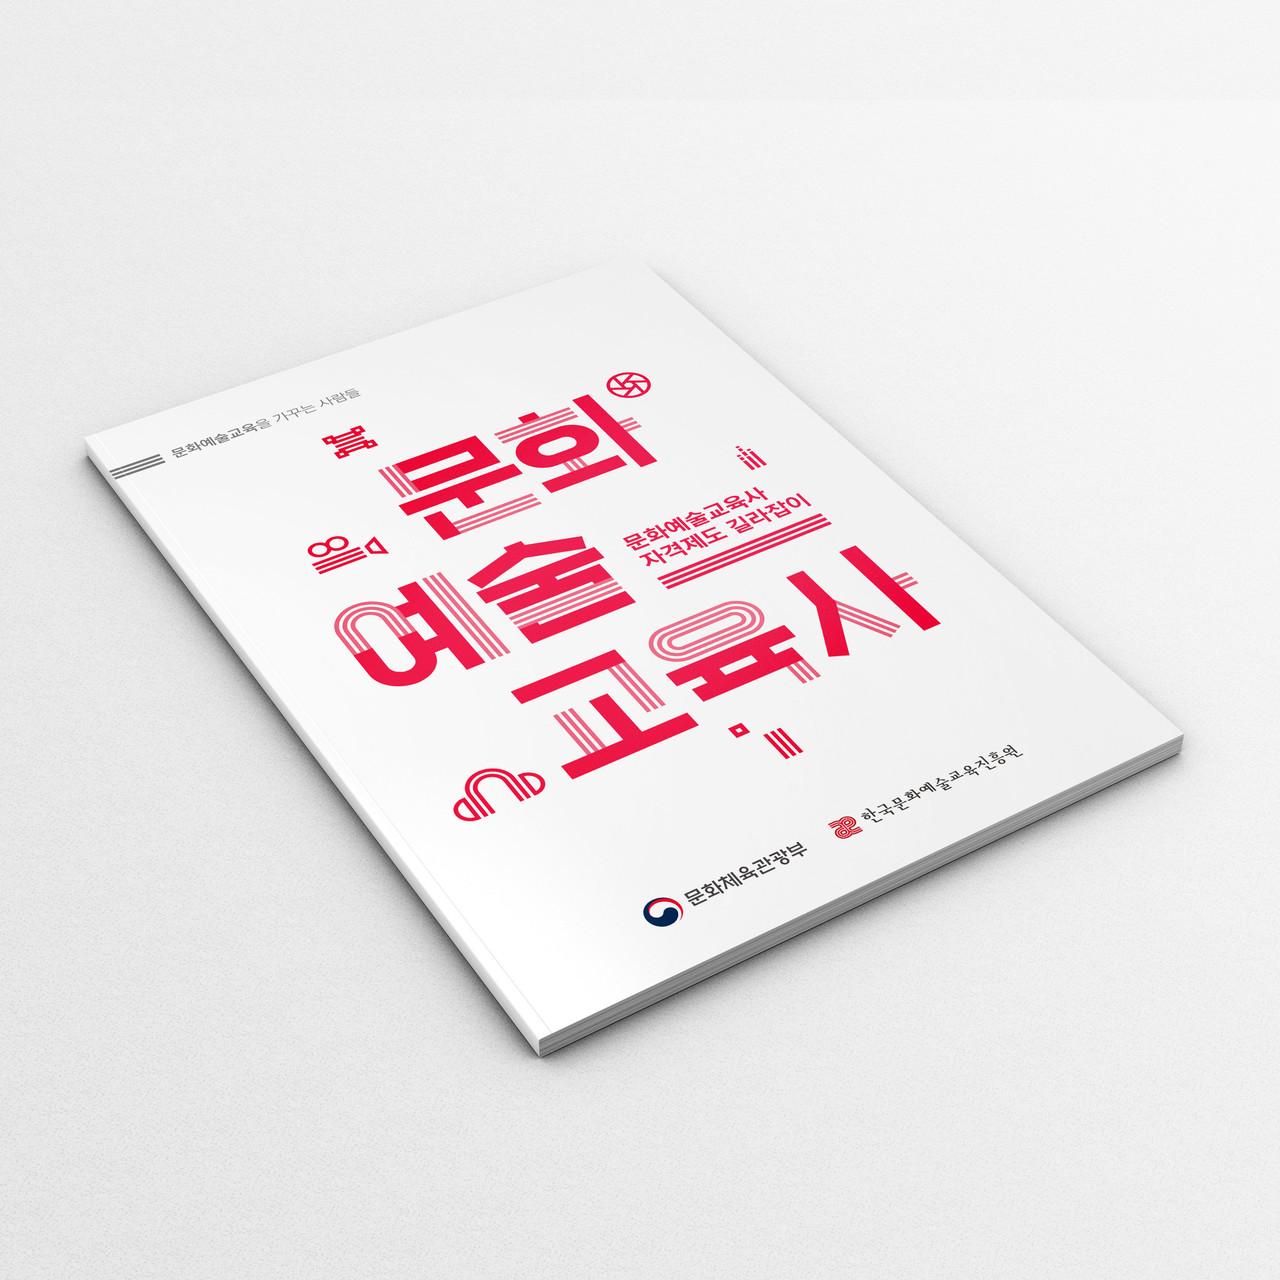 문화예술교육사 자격제도 길라잡이  - 한국문화예술교육진흥원